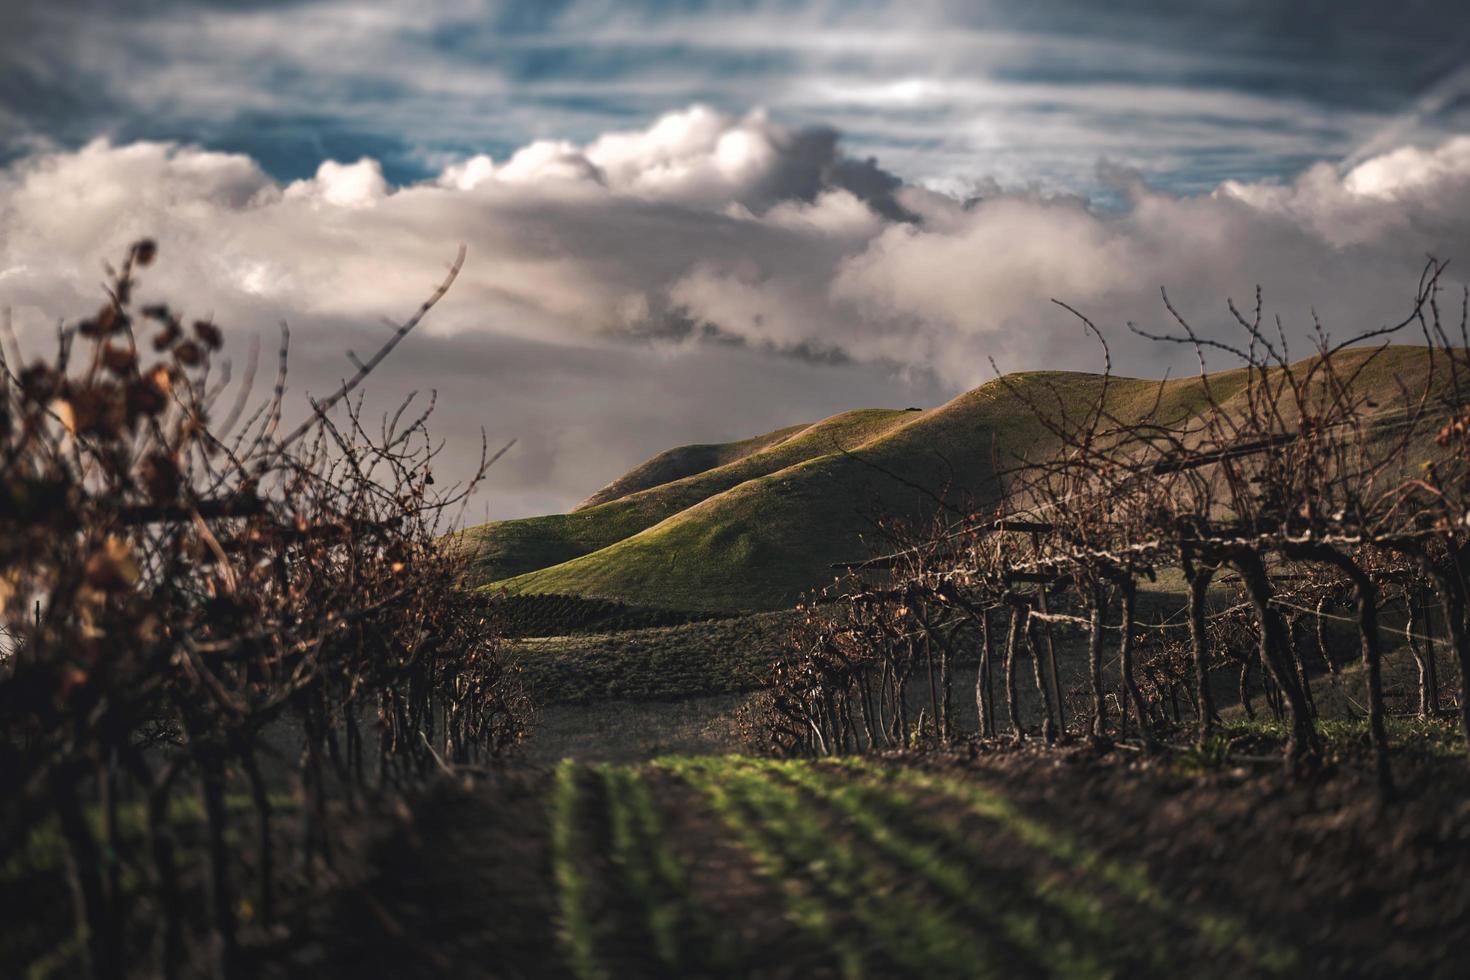 collines vertes par temps nuageux photo